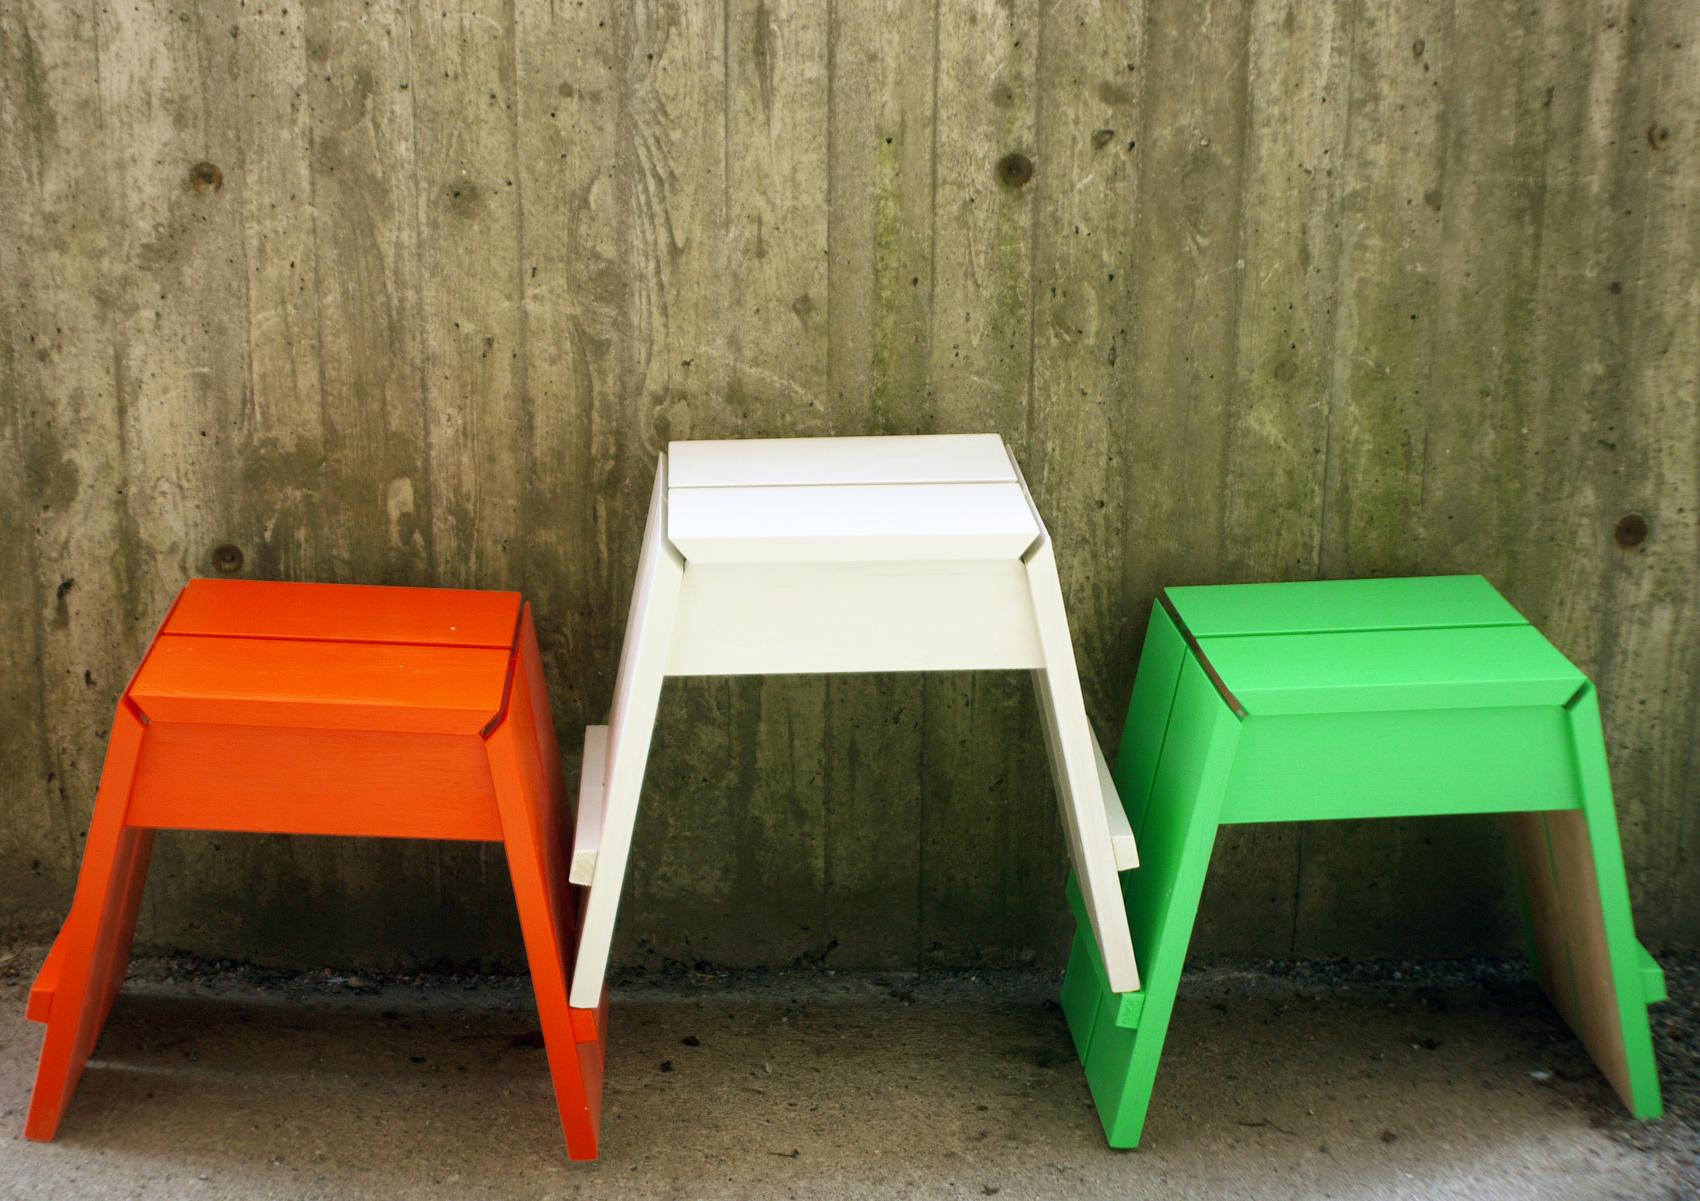 Design_sergiomonterobravBenny_stool_2